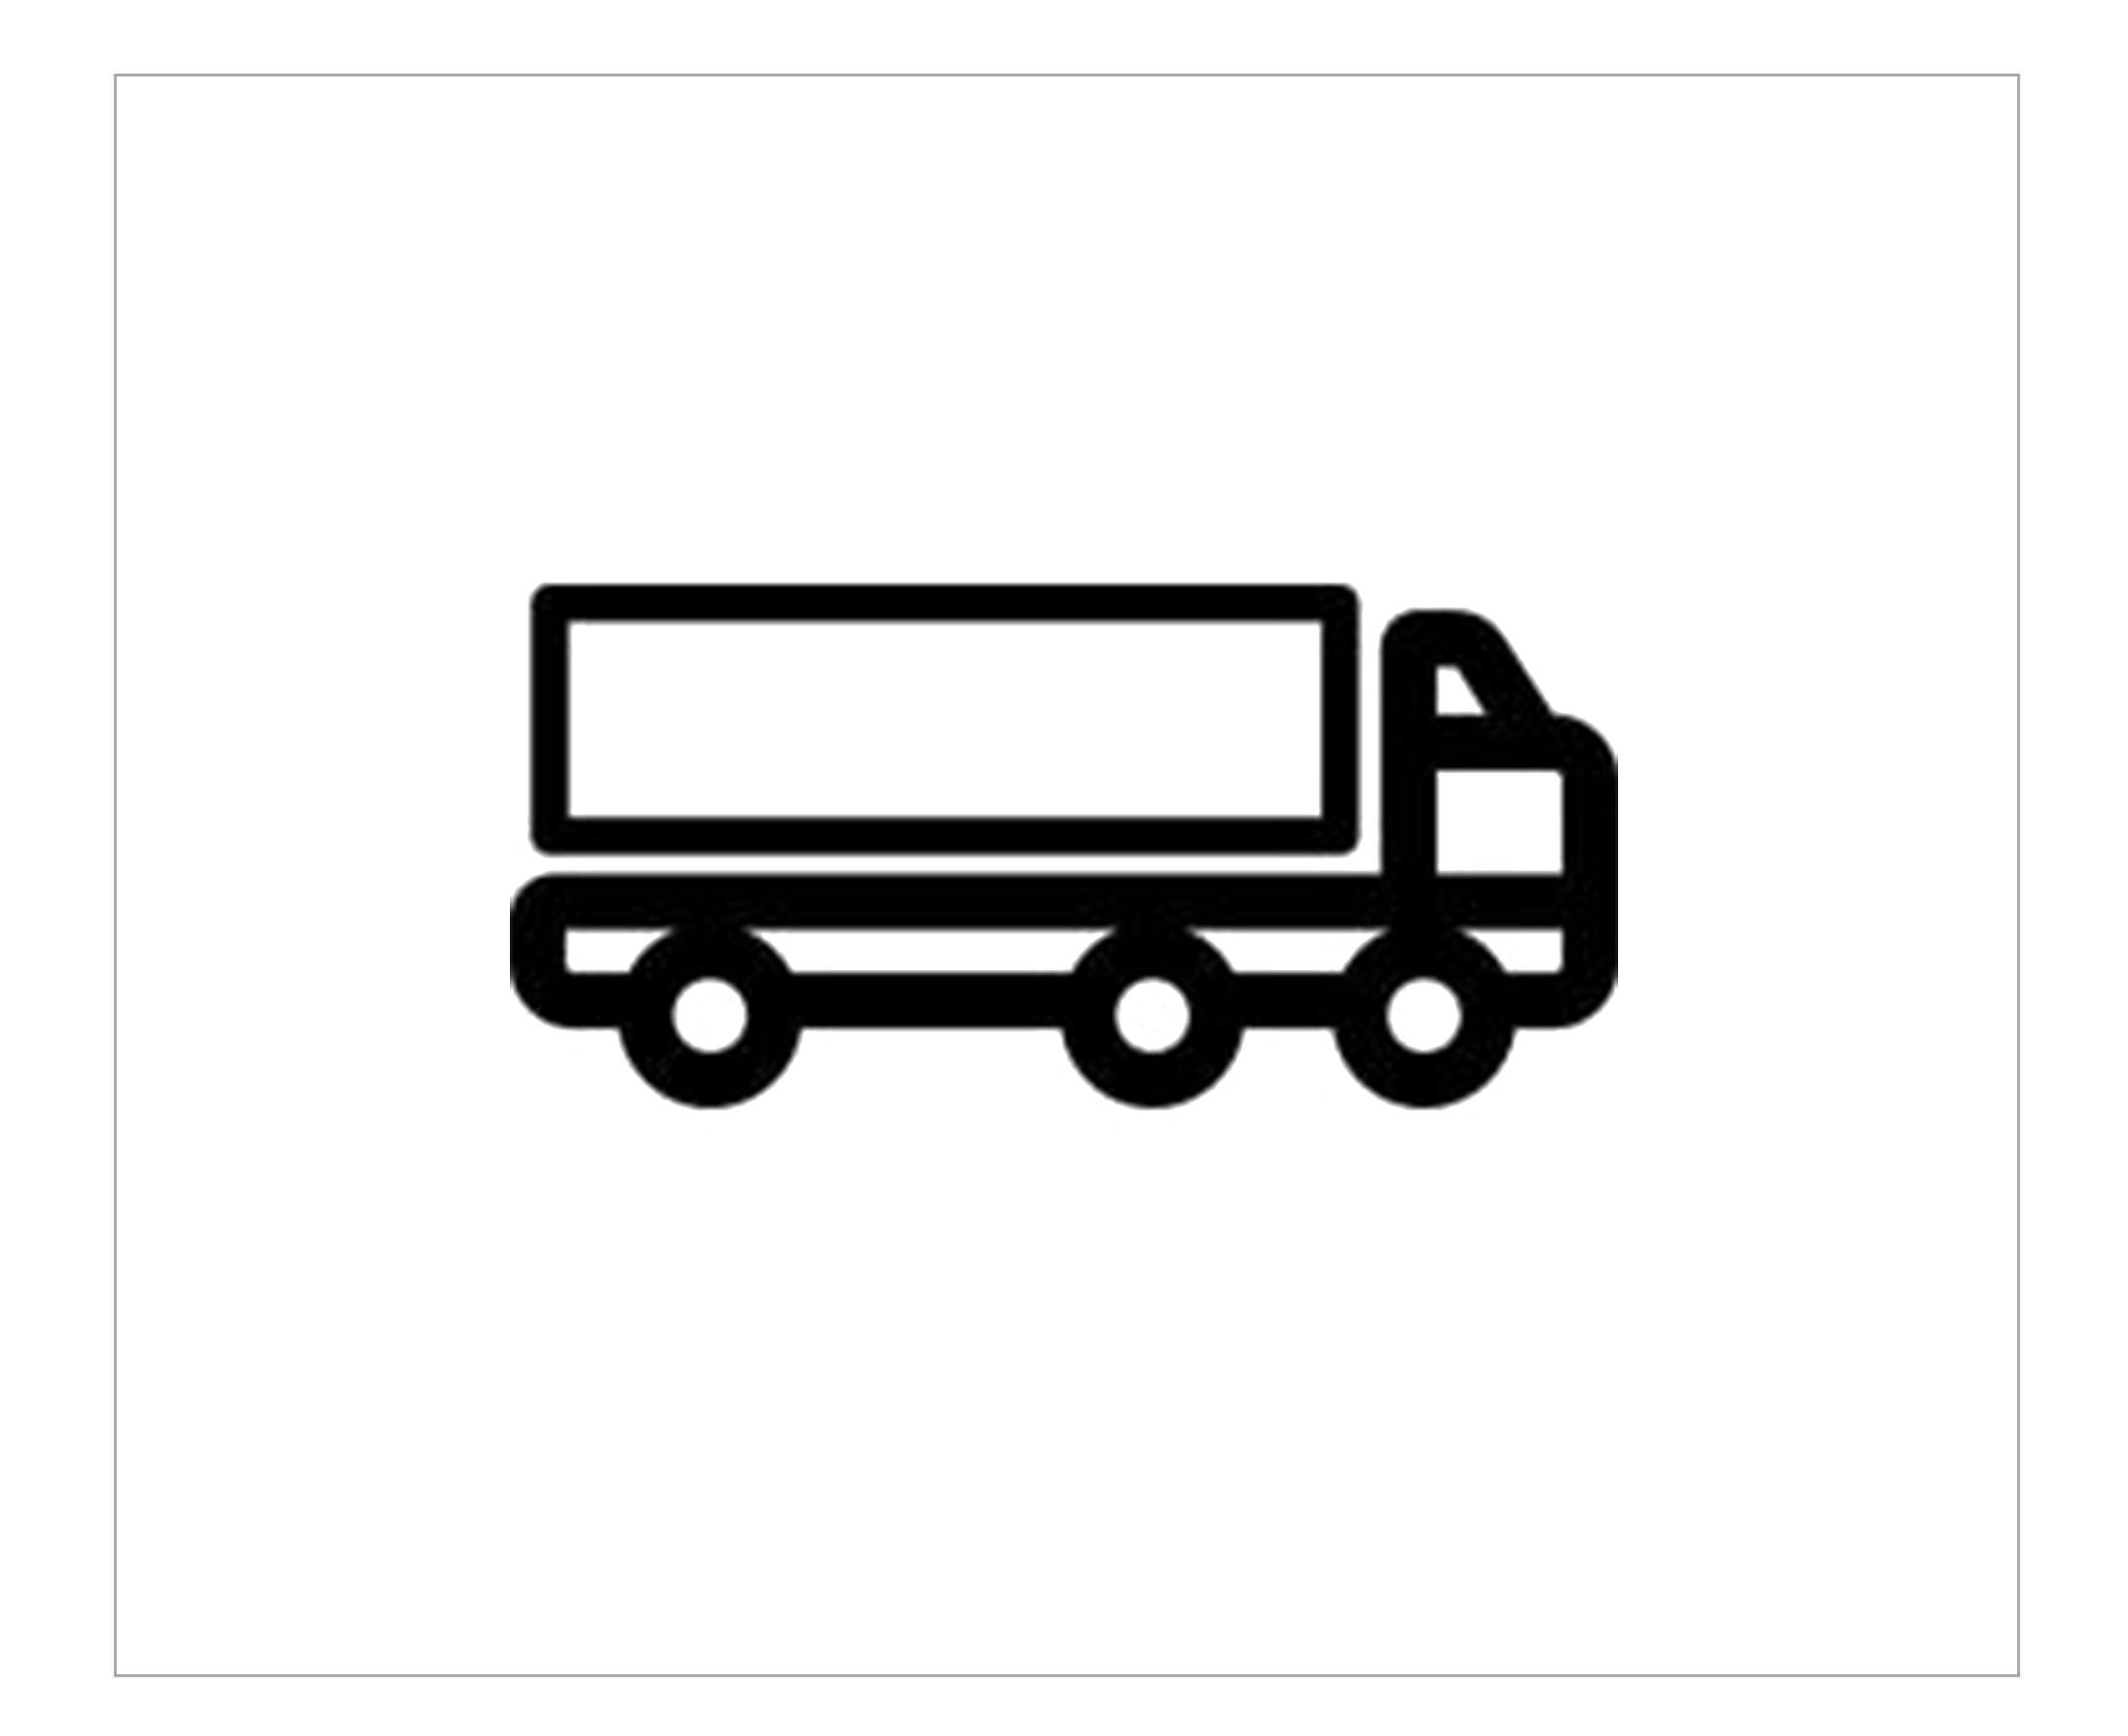 运输工具类商标